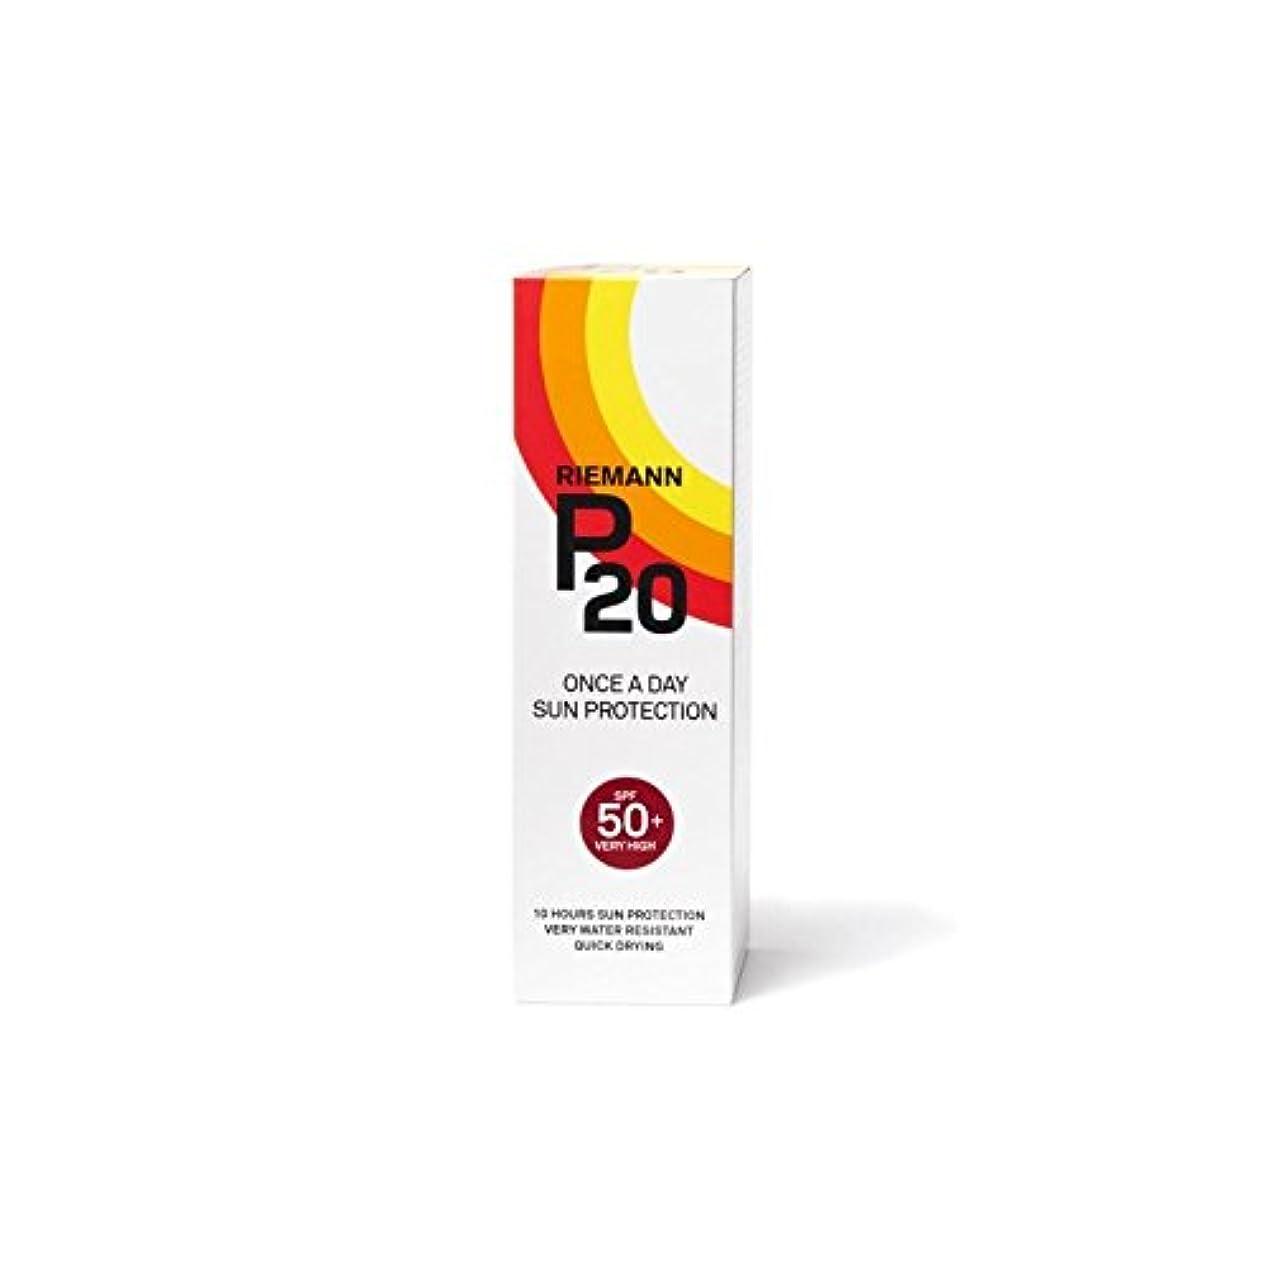 インタビューアセンブリ解放Riemann P20 Sun Filter 100ml SPF50+ - リーマン20太陽フィルター100ミリリットルの50 + [並行輸入品]